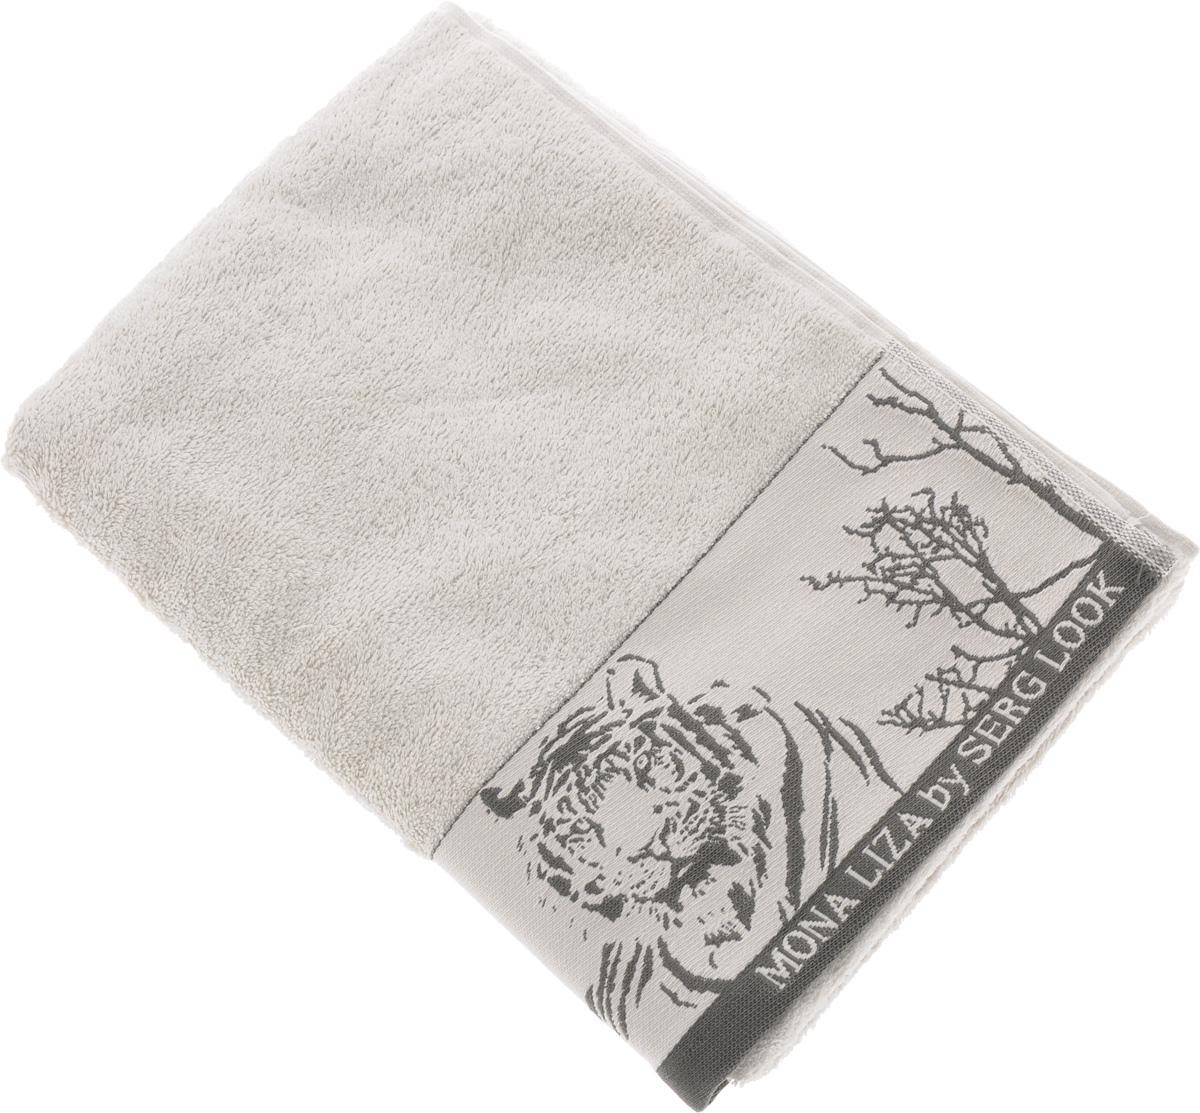 Полотенце Mona Liza Wild, цвет: светло-серый, серый, 70 х 140 см529676/2Мягкое полотенце Wild изготовлено из 30% хлопка и 70% бамбукового волокна. Полотенце Wild с жаккардовым бордюром обладает высокой впитывающей способностью и сочетает в себе элегантную роскошь и практичность. Благодаря высокому качеству изготовления, полотенце будет радовать вас многие годы. Мотивы коллекции Mona Liza Premium bu Serg Look навеяны итальянскими фресками эпохи Ренессанса, периода удивительной гармонии в искусстве. В представленной коллекции для нанесения на ткань рисунка применяется многоцветная печать, метод реактивного крашения, который позволяет создать уникальную цветовую гамму, напоминающую старинные фрески. Этот метод также обеспечивает высокую устойчивость краски при стирке.